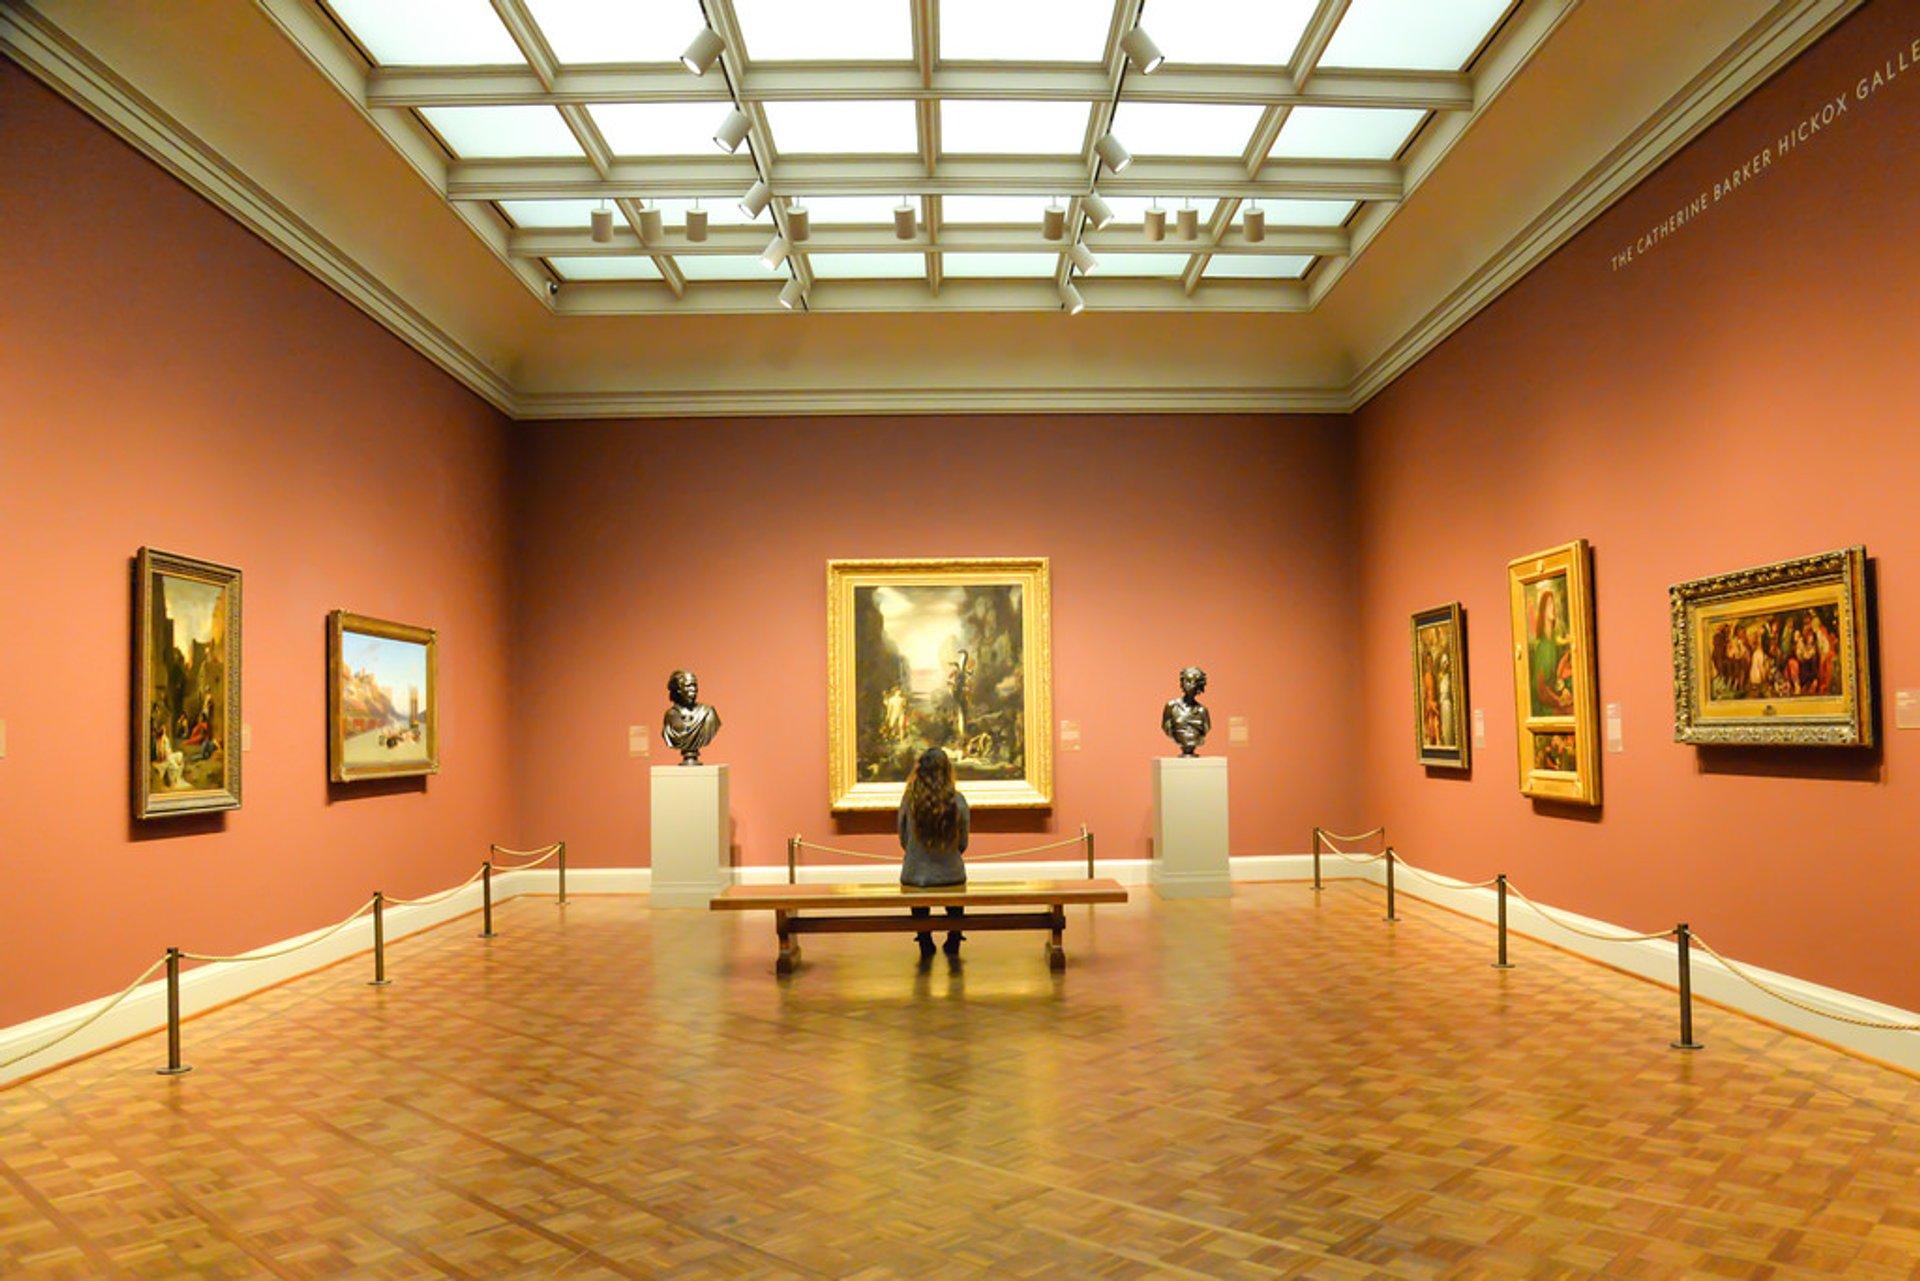 Art Institute of Chicago 2019